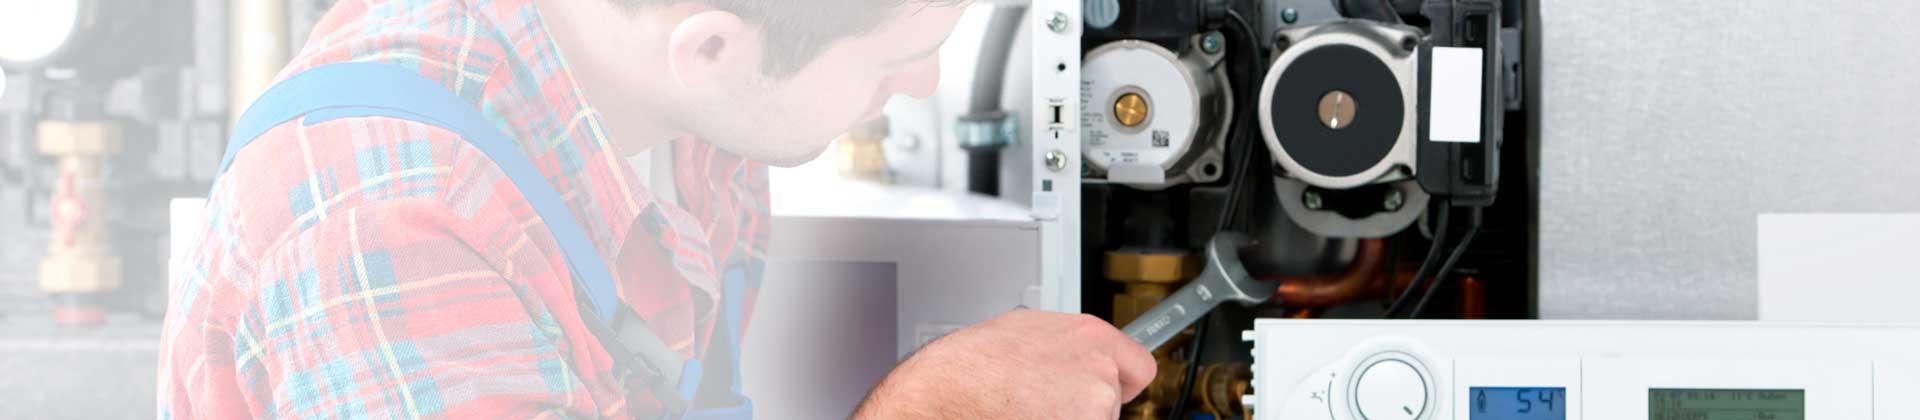 Wartung, Reparatur, Instandhaltung von Gasinstallationen